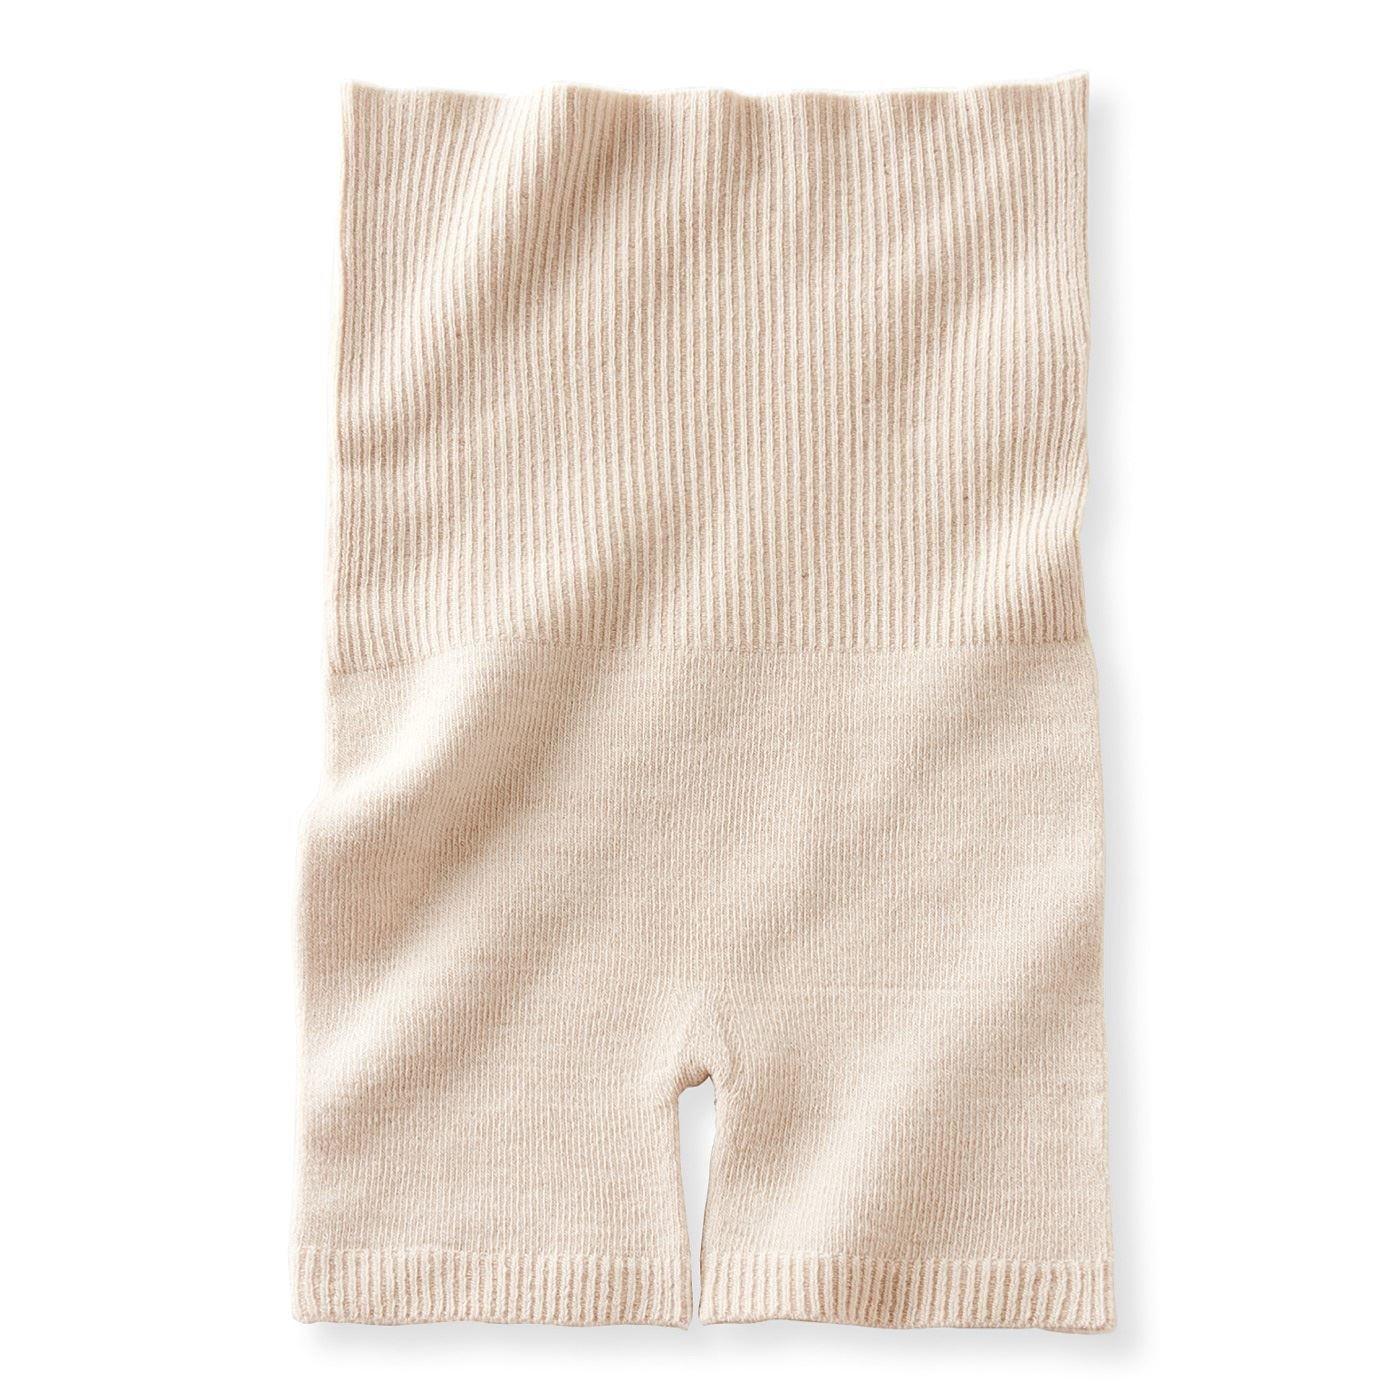 ホールガーメント(R)の贅沢(ぜいたく)仕立て はらまき付きロングパンツ〈ベージュ〉